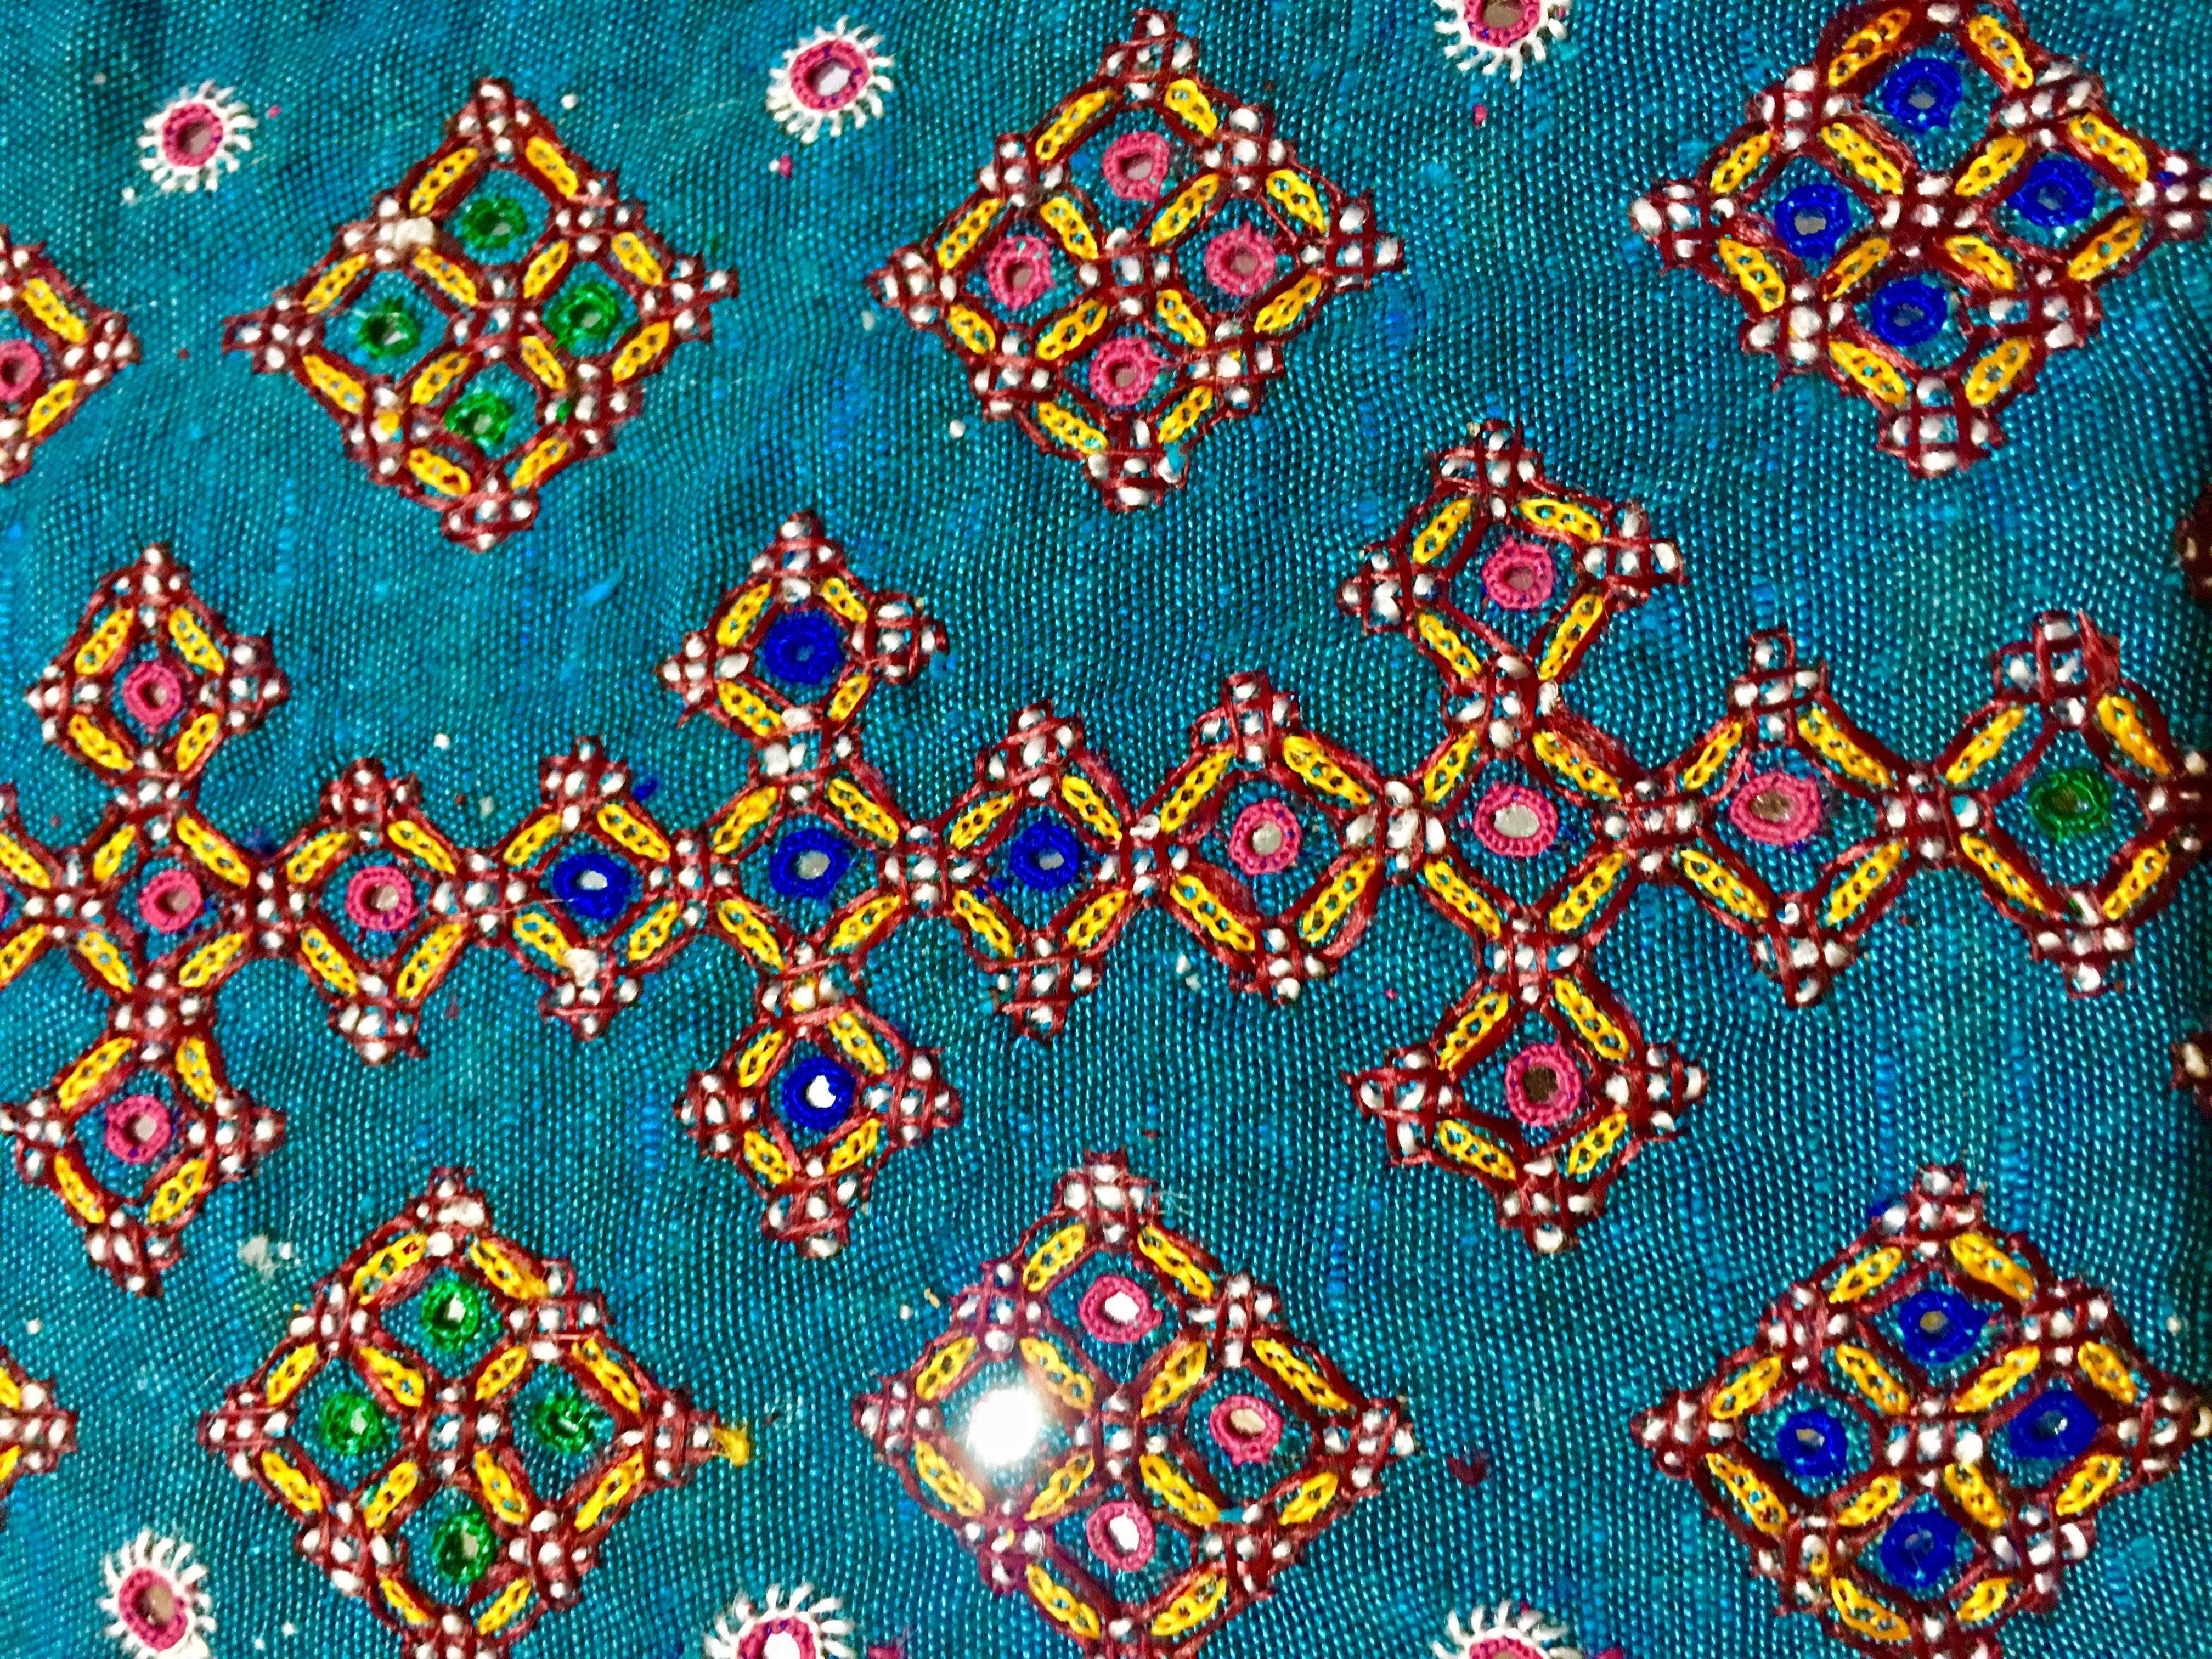 Mutwa Embroidery of Gujarat